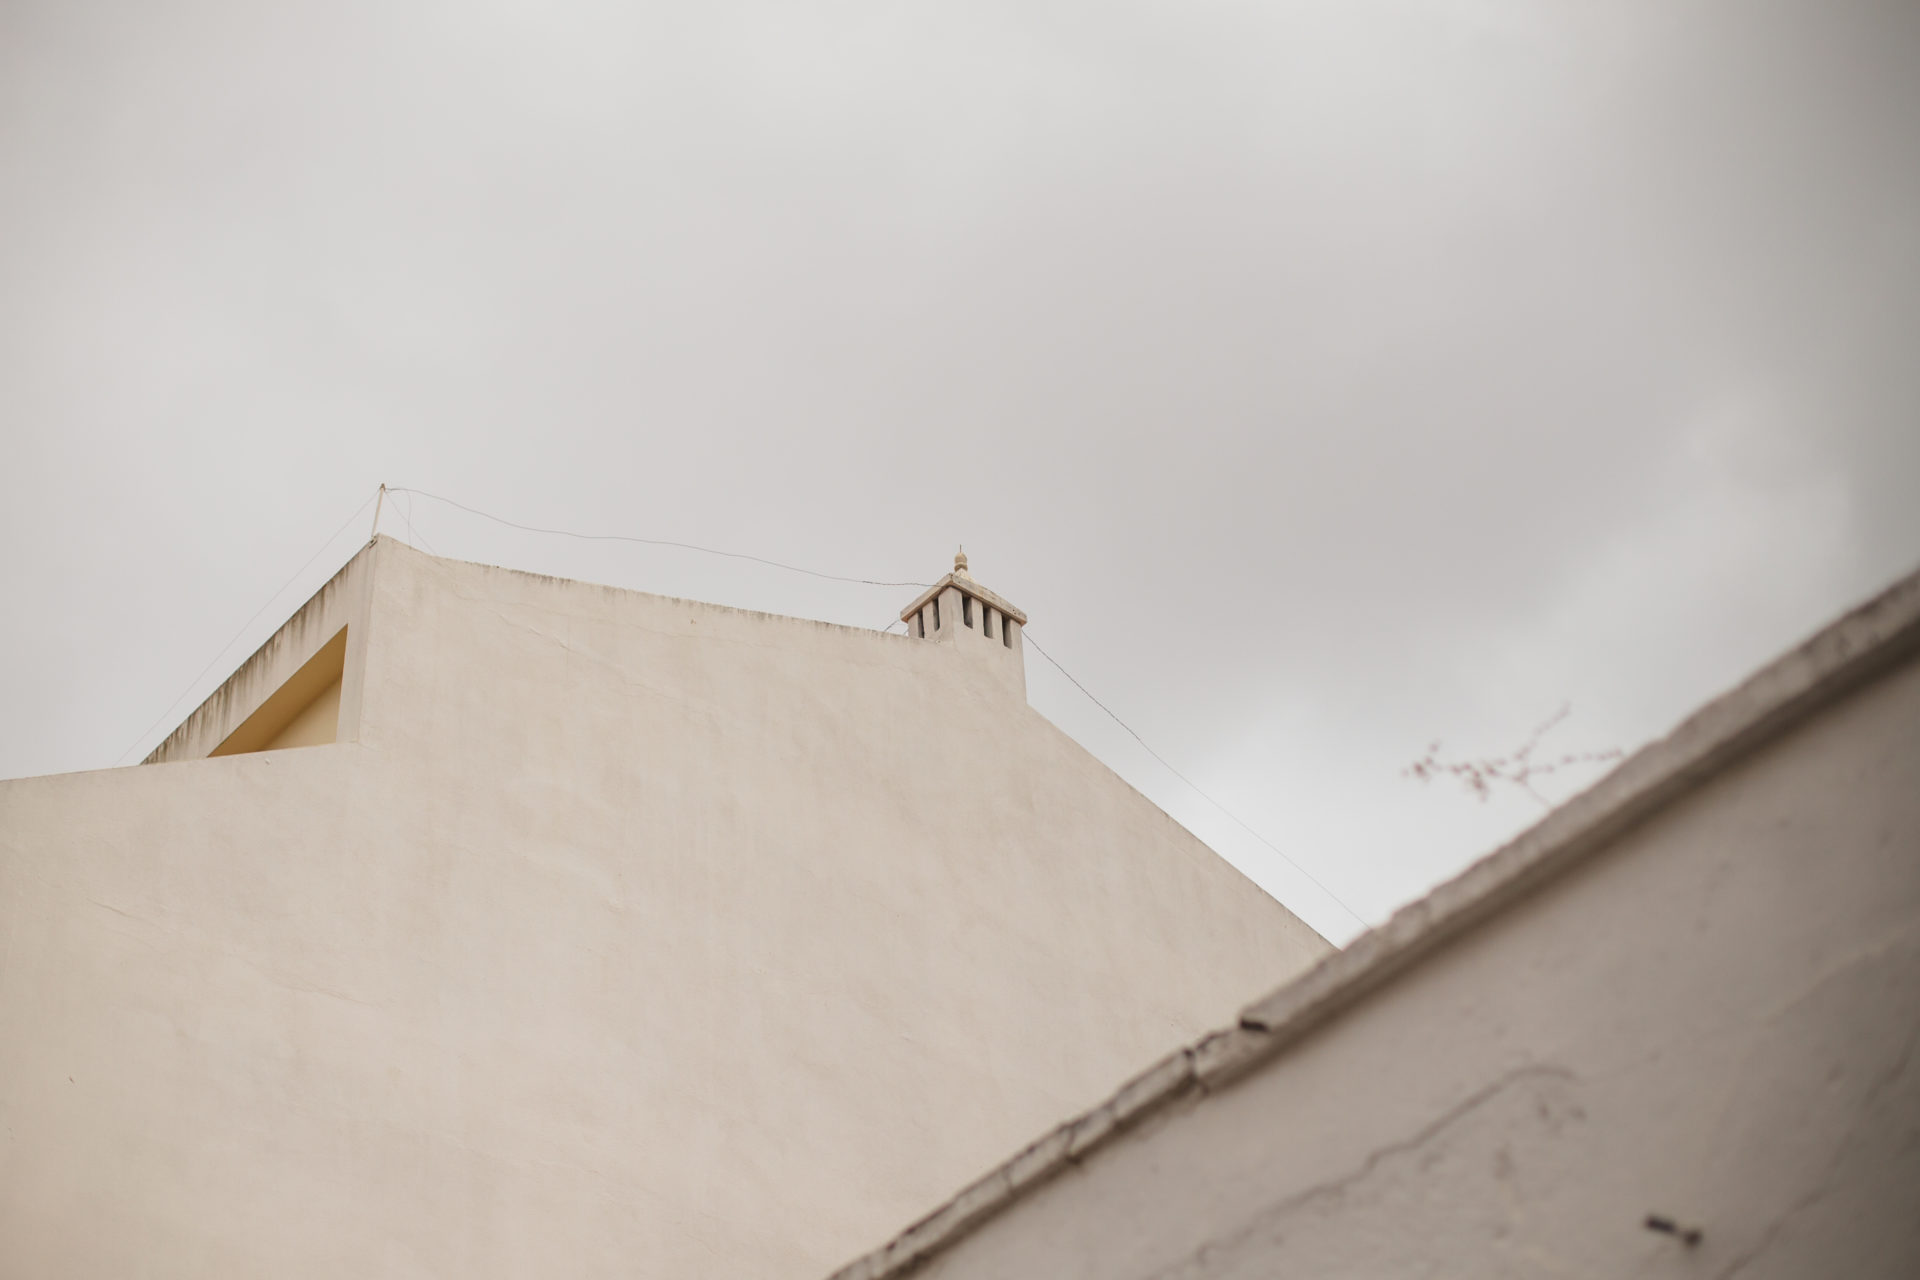 Portugal_Algarve_1910_Carolin-Weinkopf